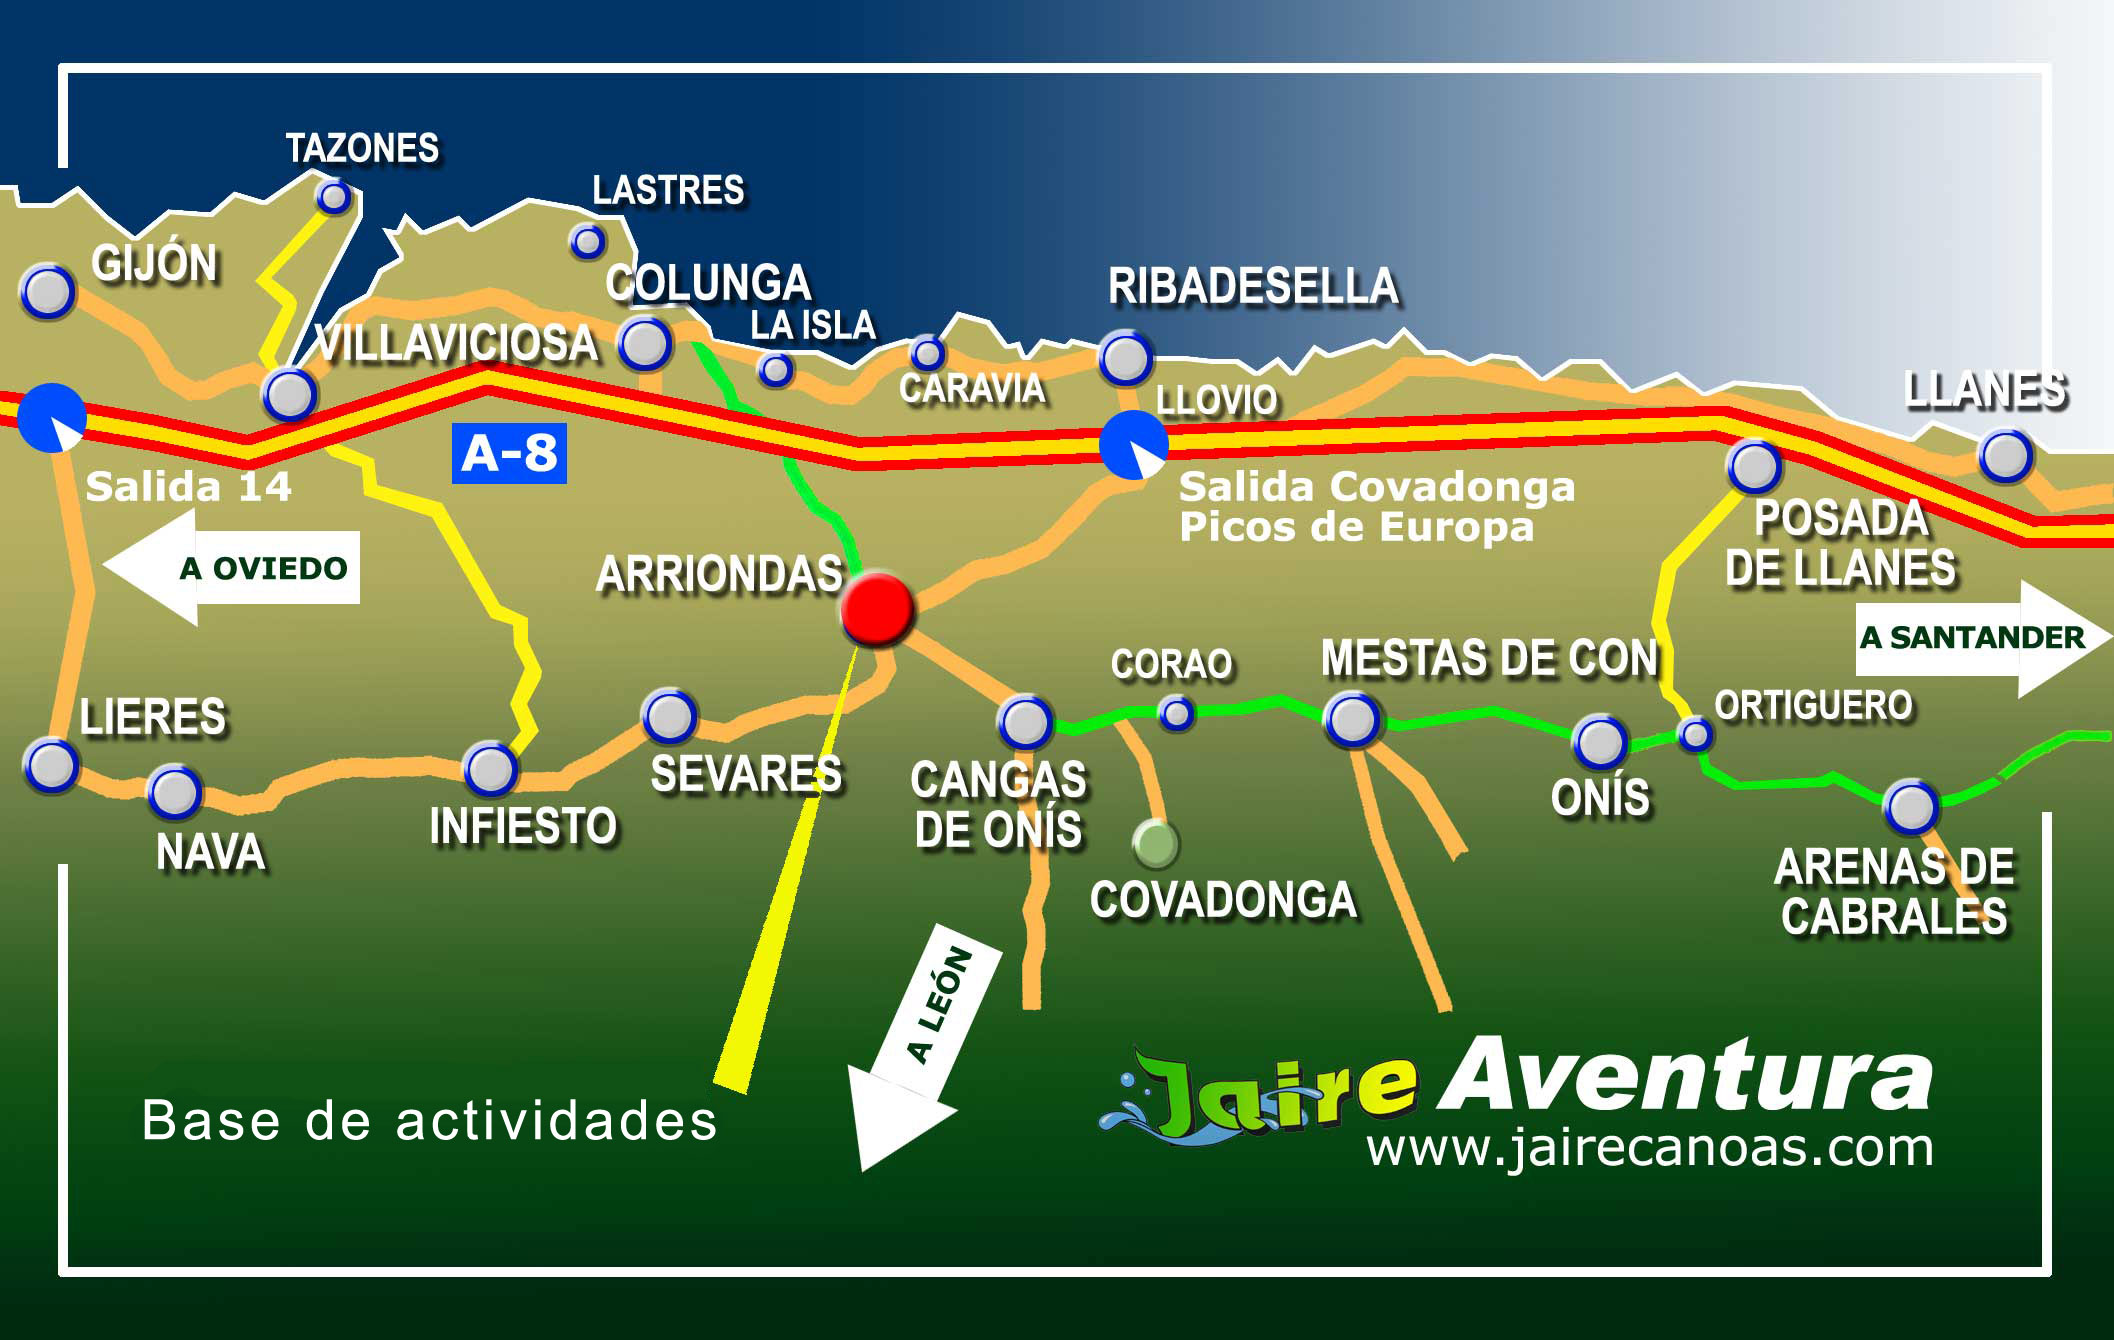 Mapa Turistico De Asturias Y Cantabria.Como Llegar A Jaire Aventura